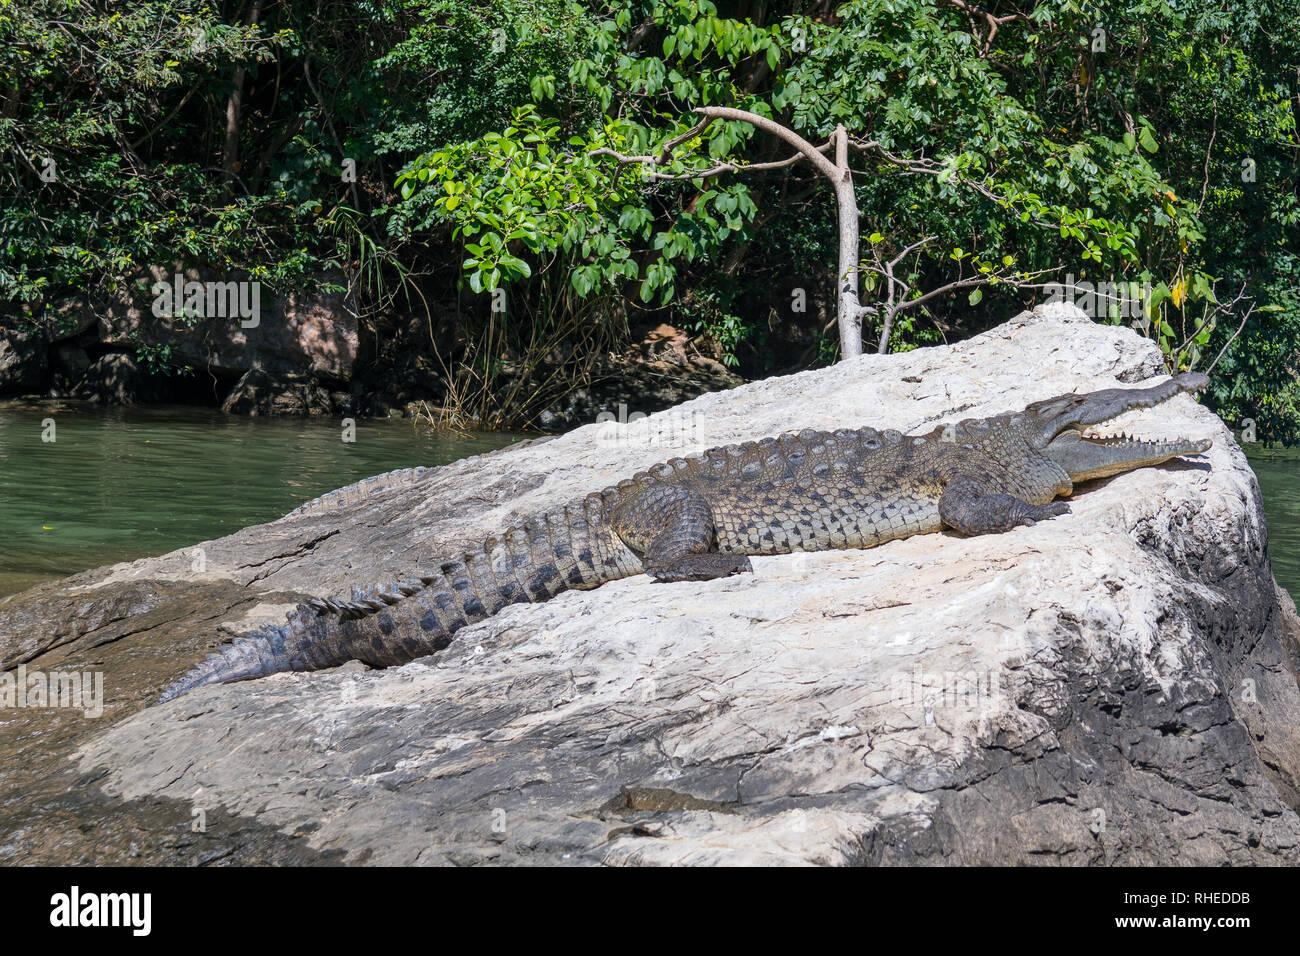 Crocodile in Cañón del Sumidero, Chiapas, Mexico - Stock Image